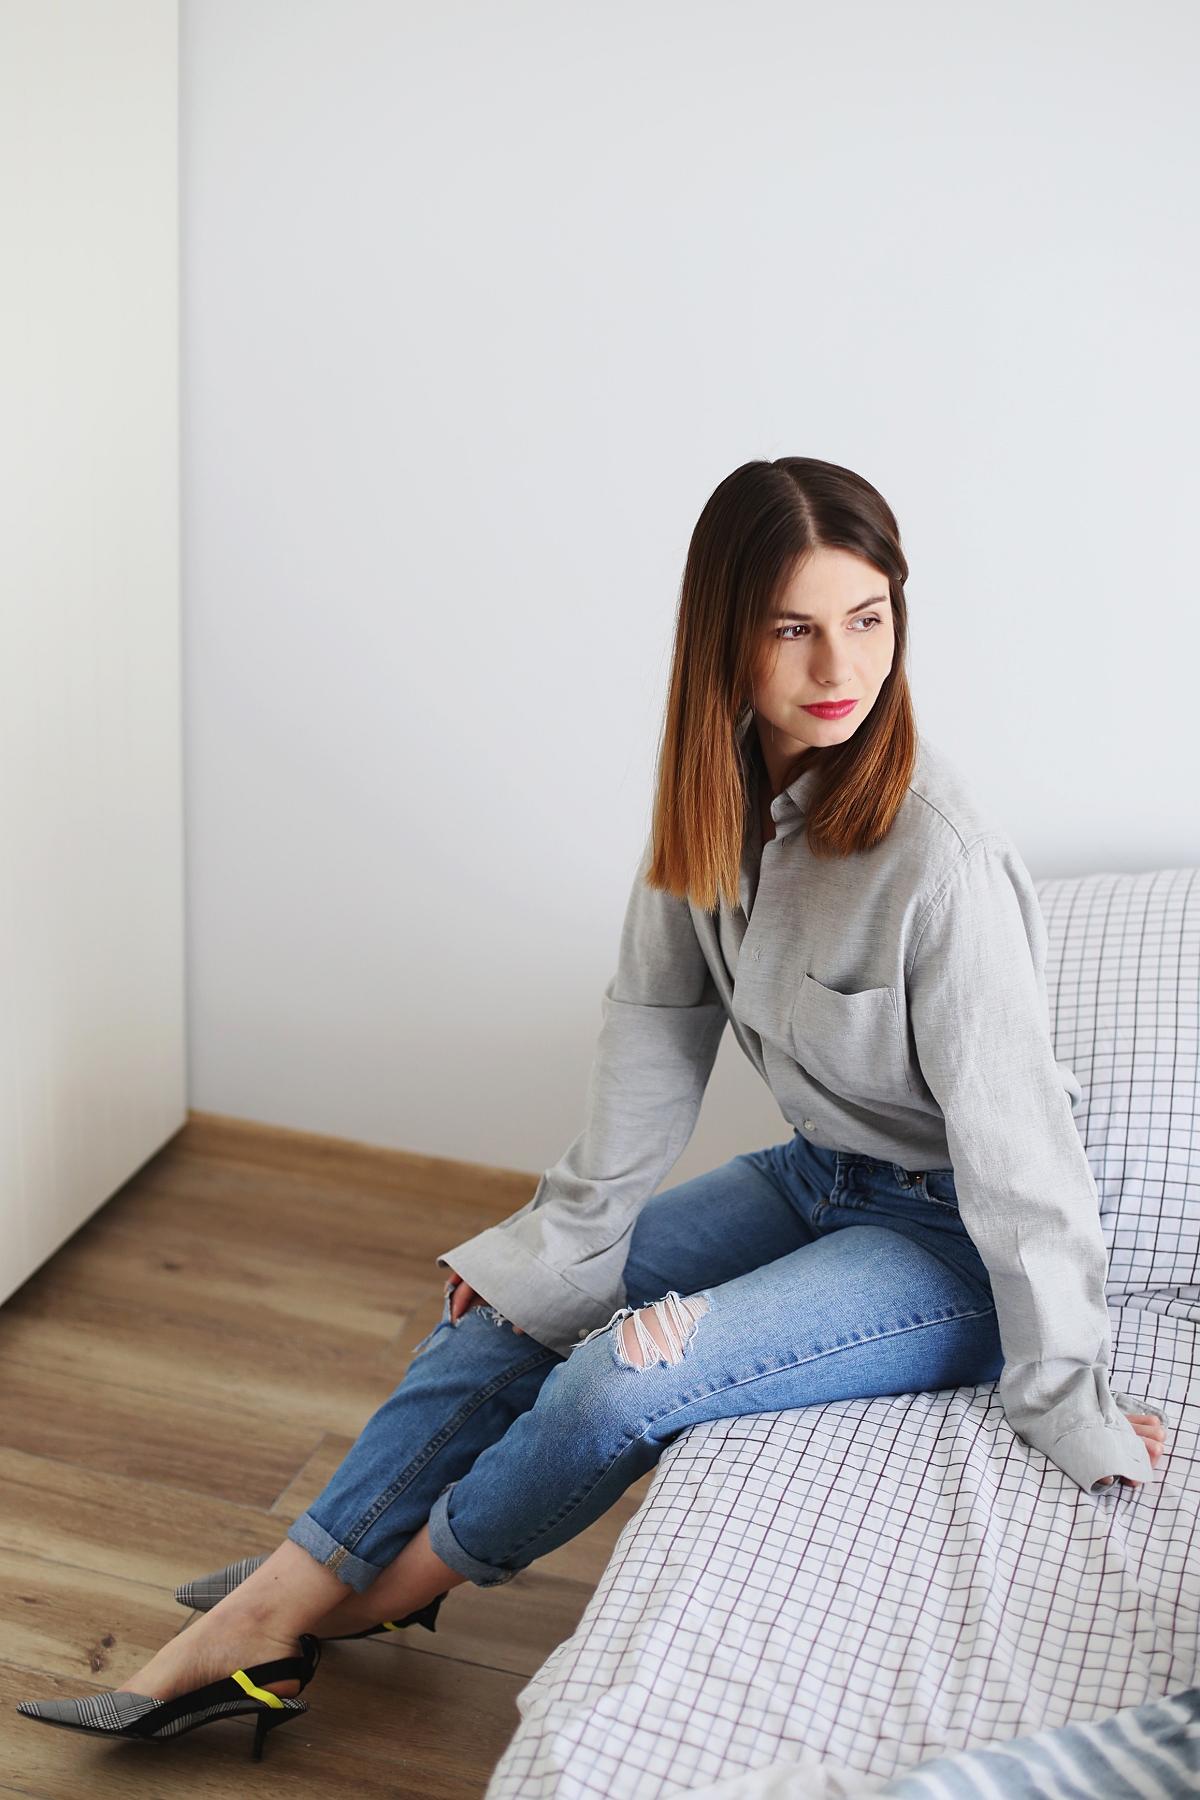 Minimalizm - koszula z działu męskiego i mom jeans